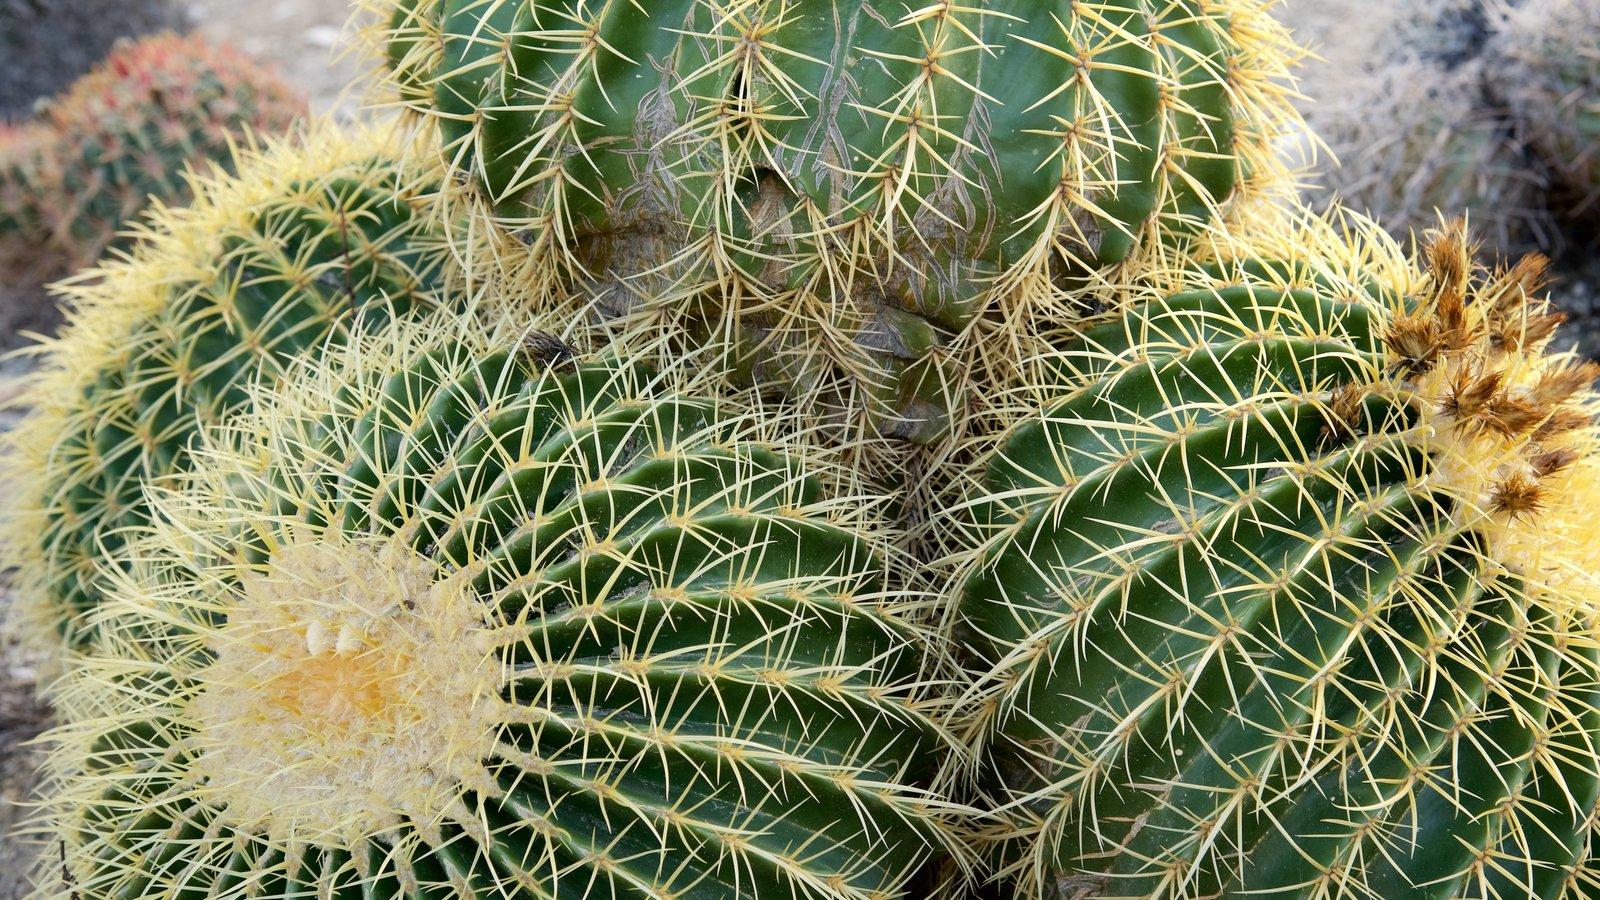 Zoológico y jardines Living Desert ofreciendo vistas al desierto y un jardín